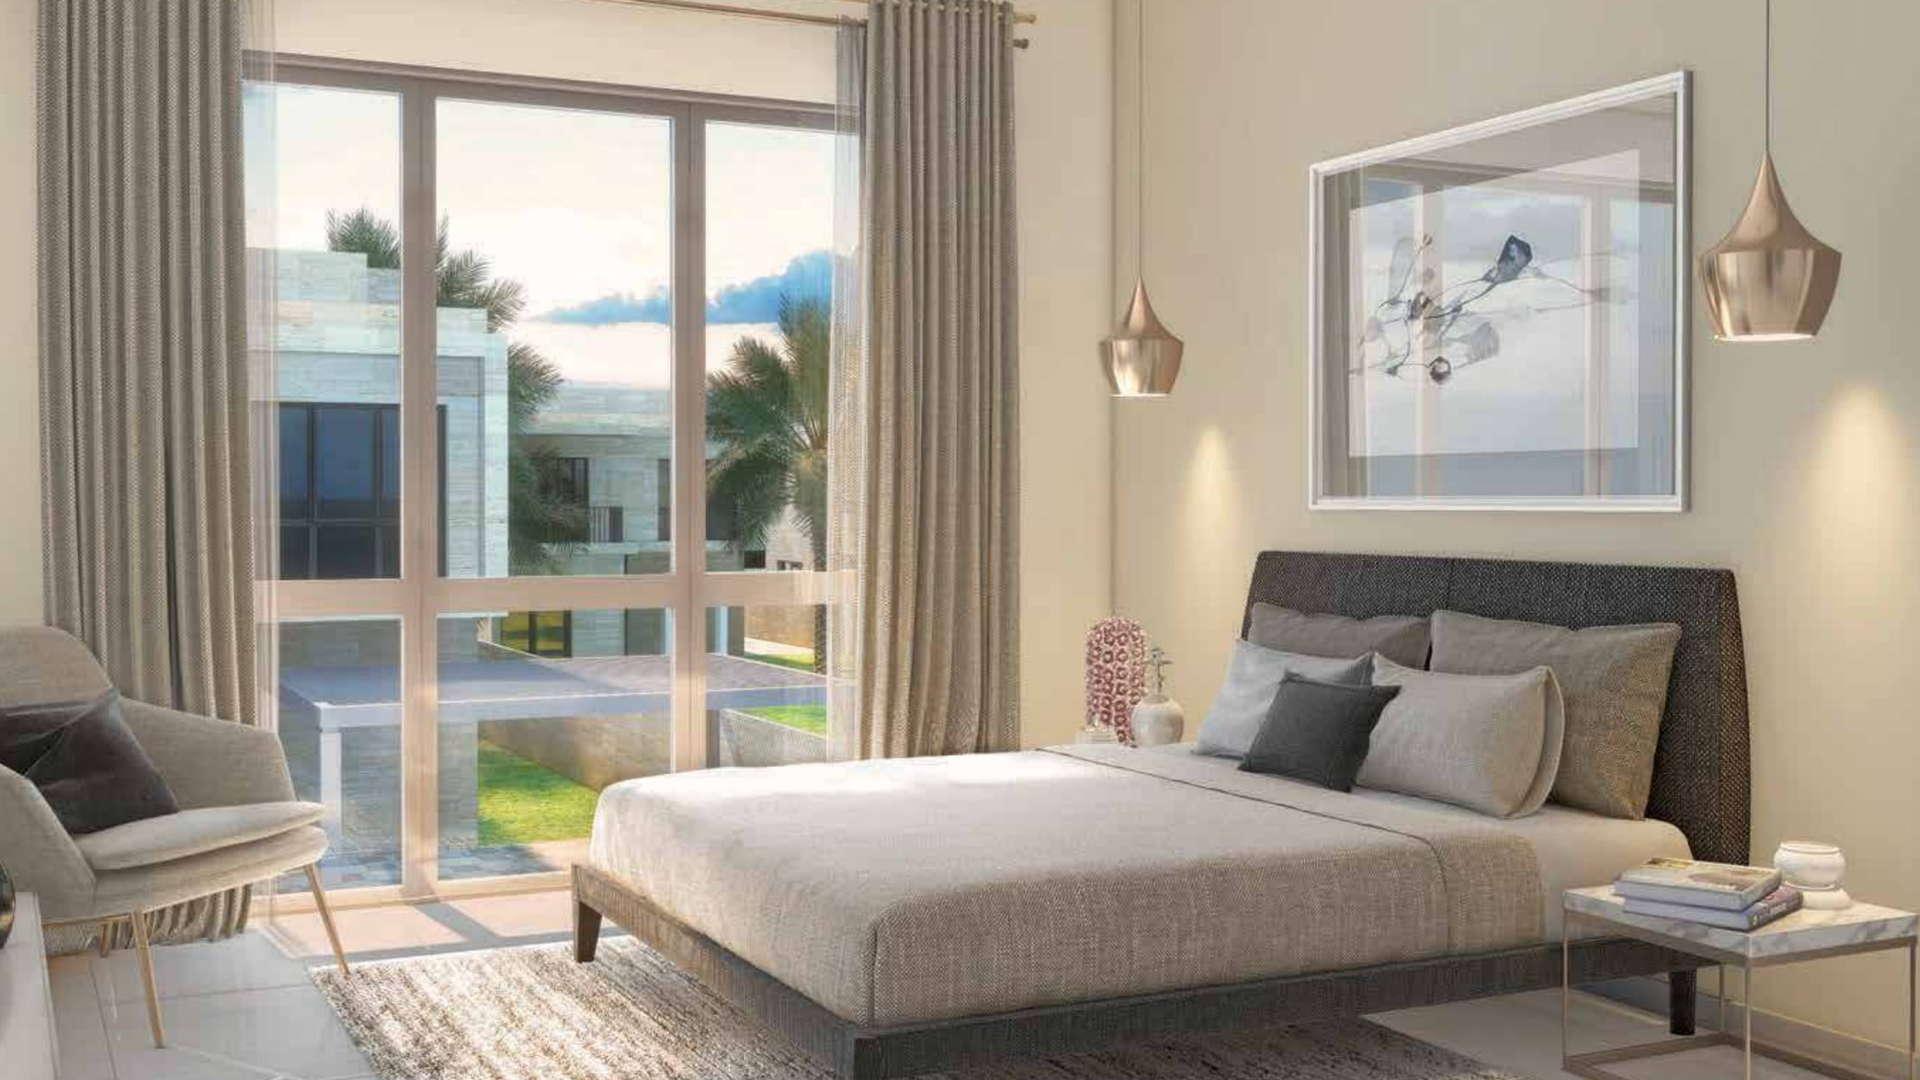 Adosado en venta en Dubai, EAU, 2 dormitorios, 165 m2, № 24436 – foto 3